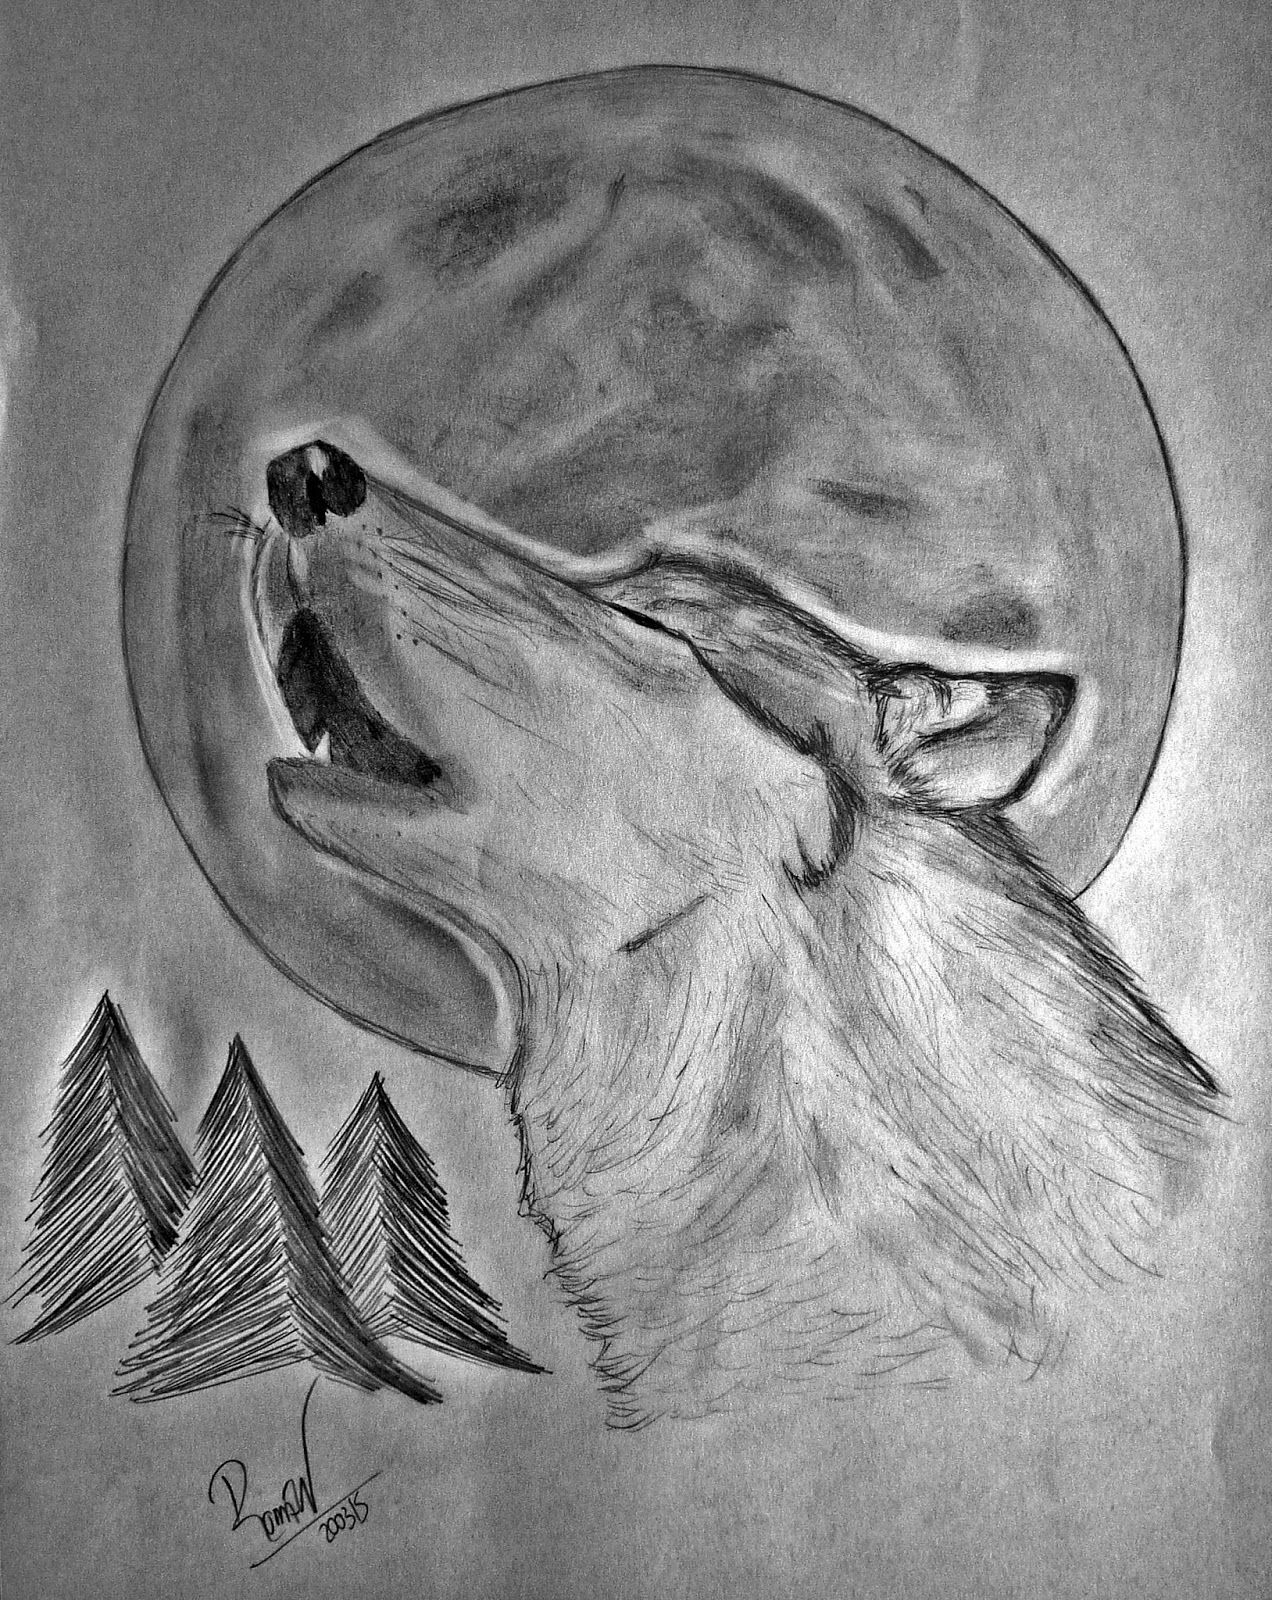 Resultado De Imagen Para Lobos Aullando Dibujos A Lapiz Dibujo En